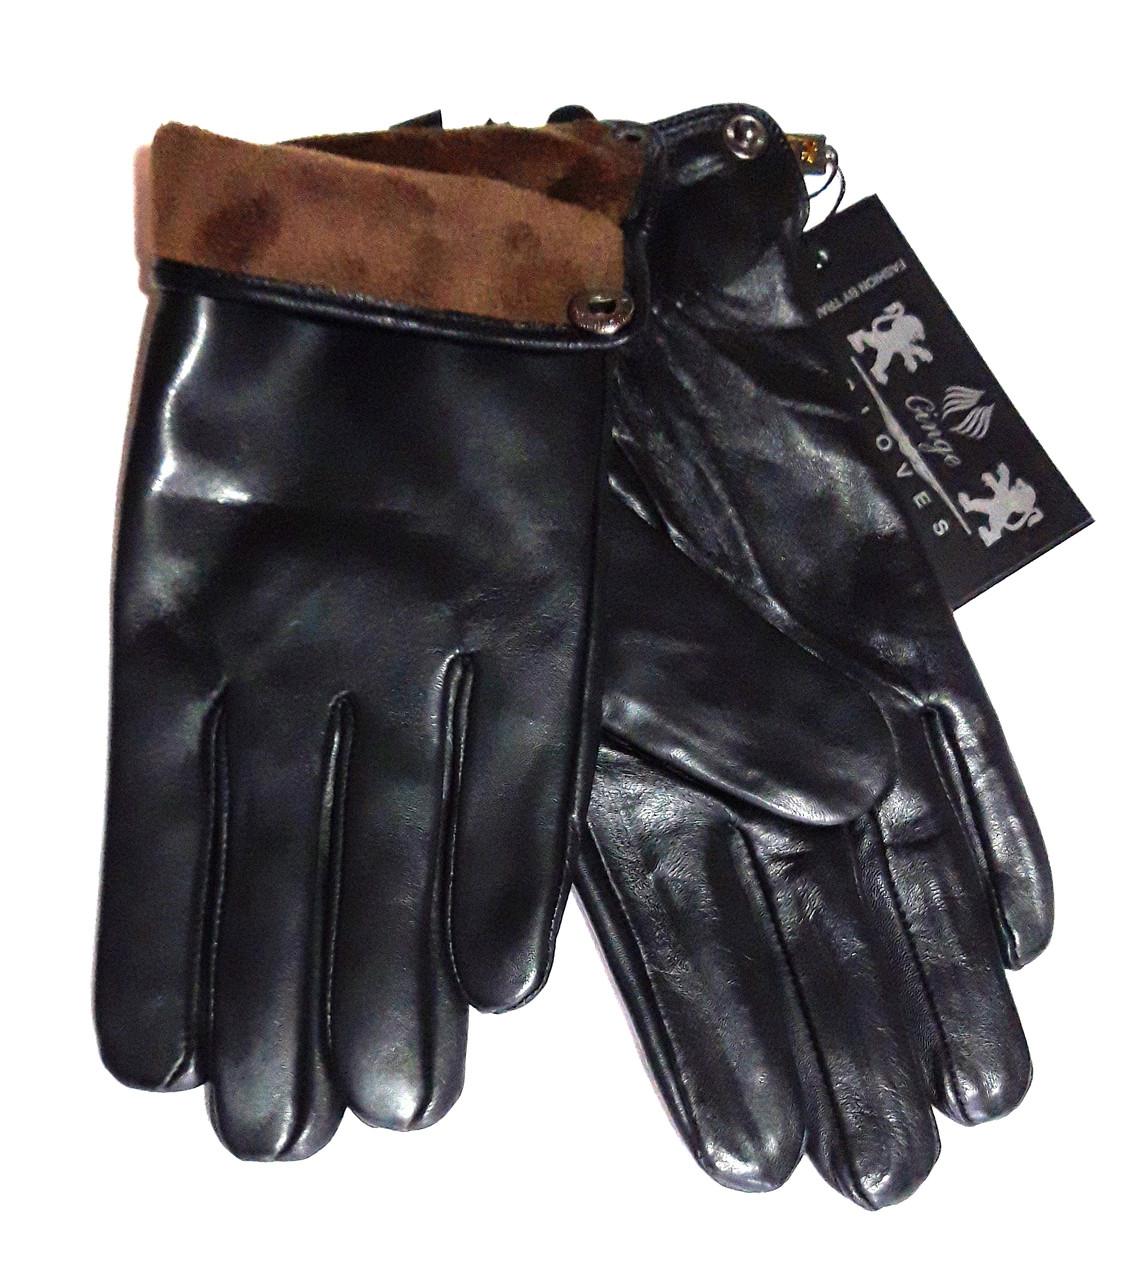 Мужские перчатки кожа лайка, подкладка флис (размеры 11-13)